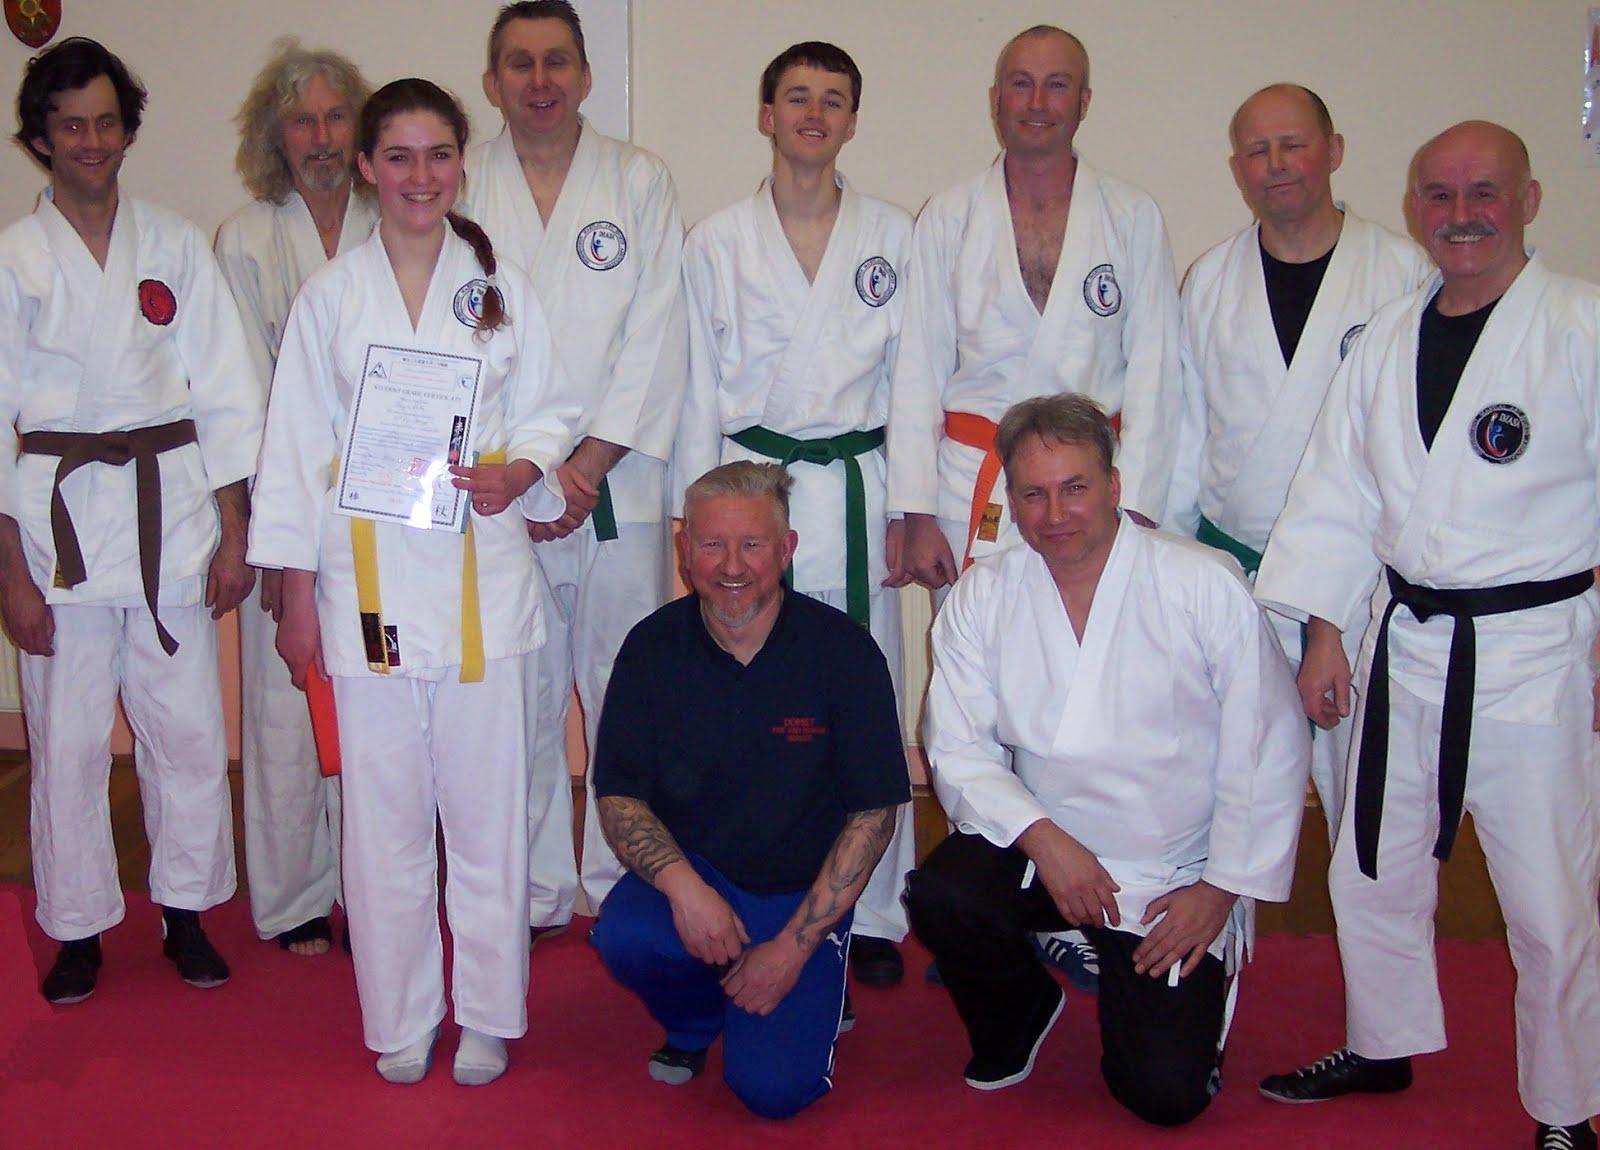 Traditional Jiu-Jitsu